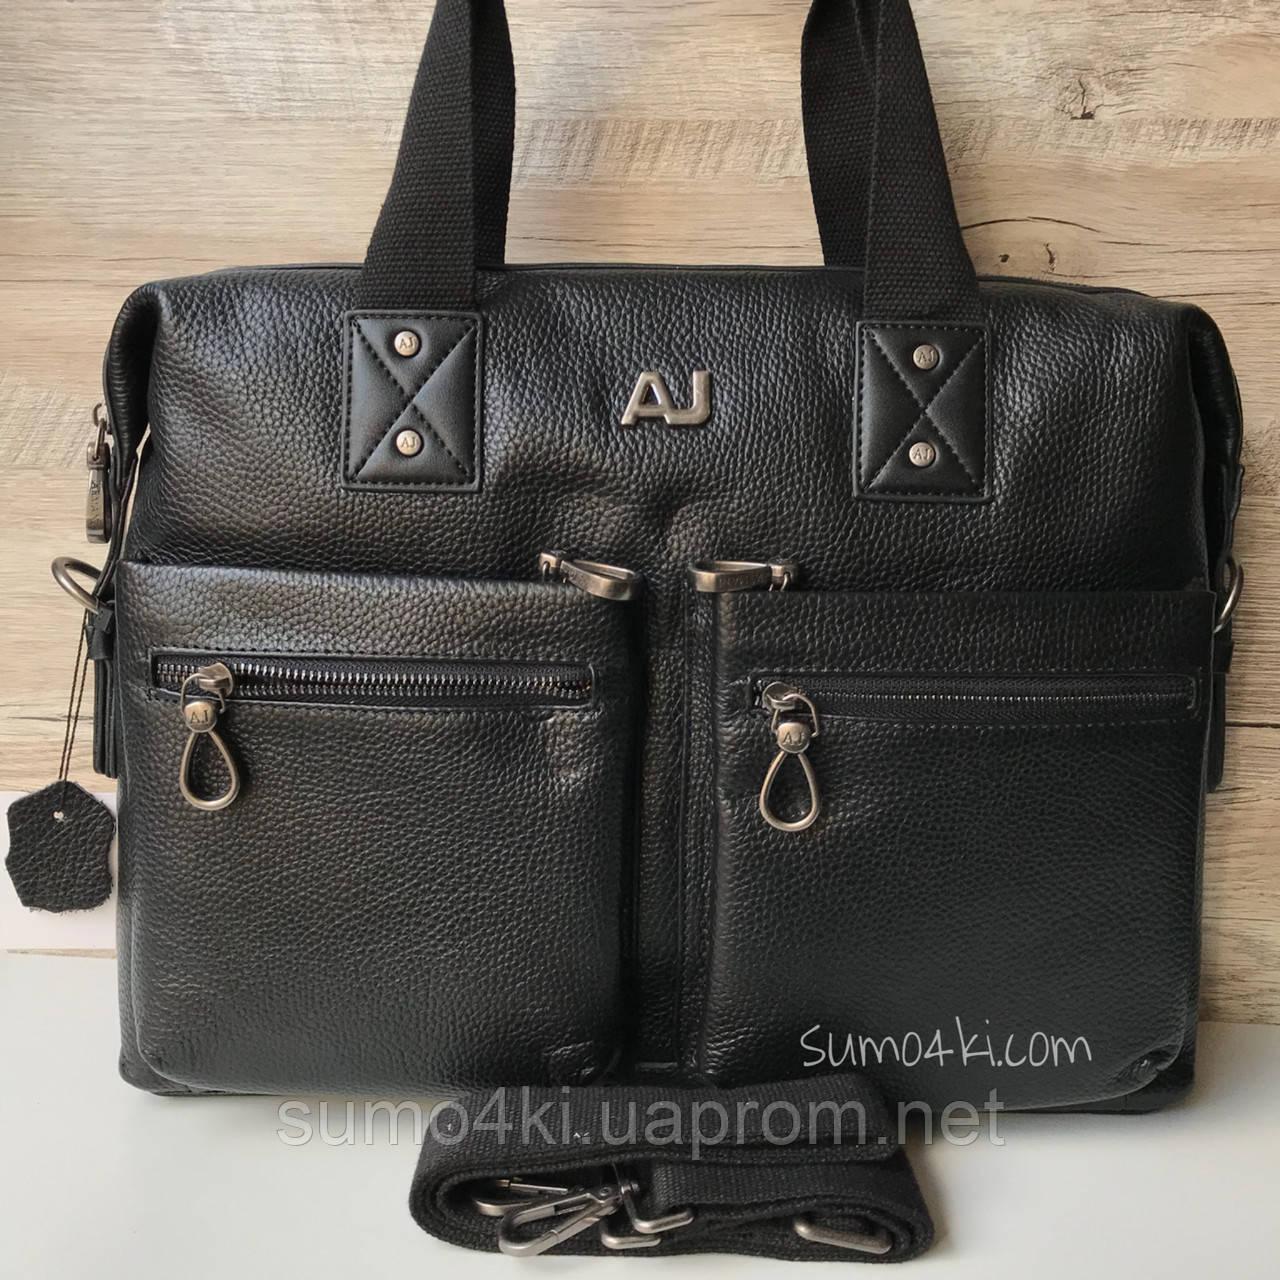 66f8cd175e38 Купить Мужской большой кожаный портфель Armani Армани оптом и в ...